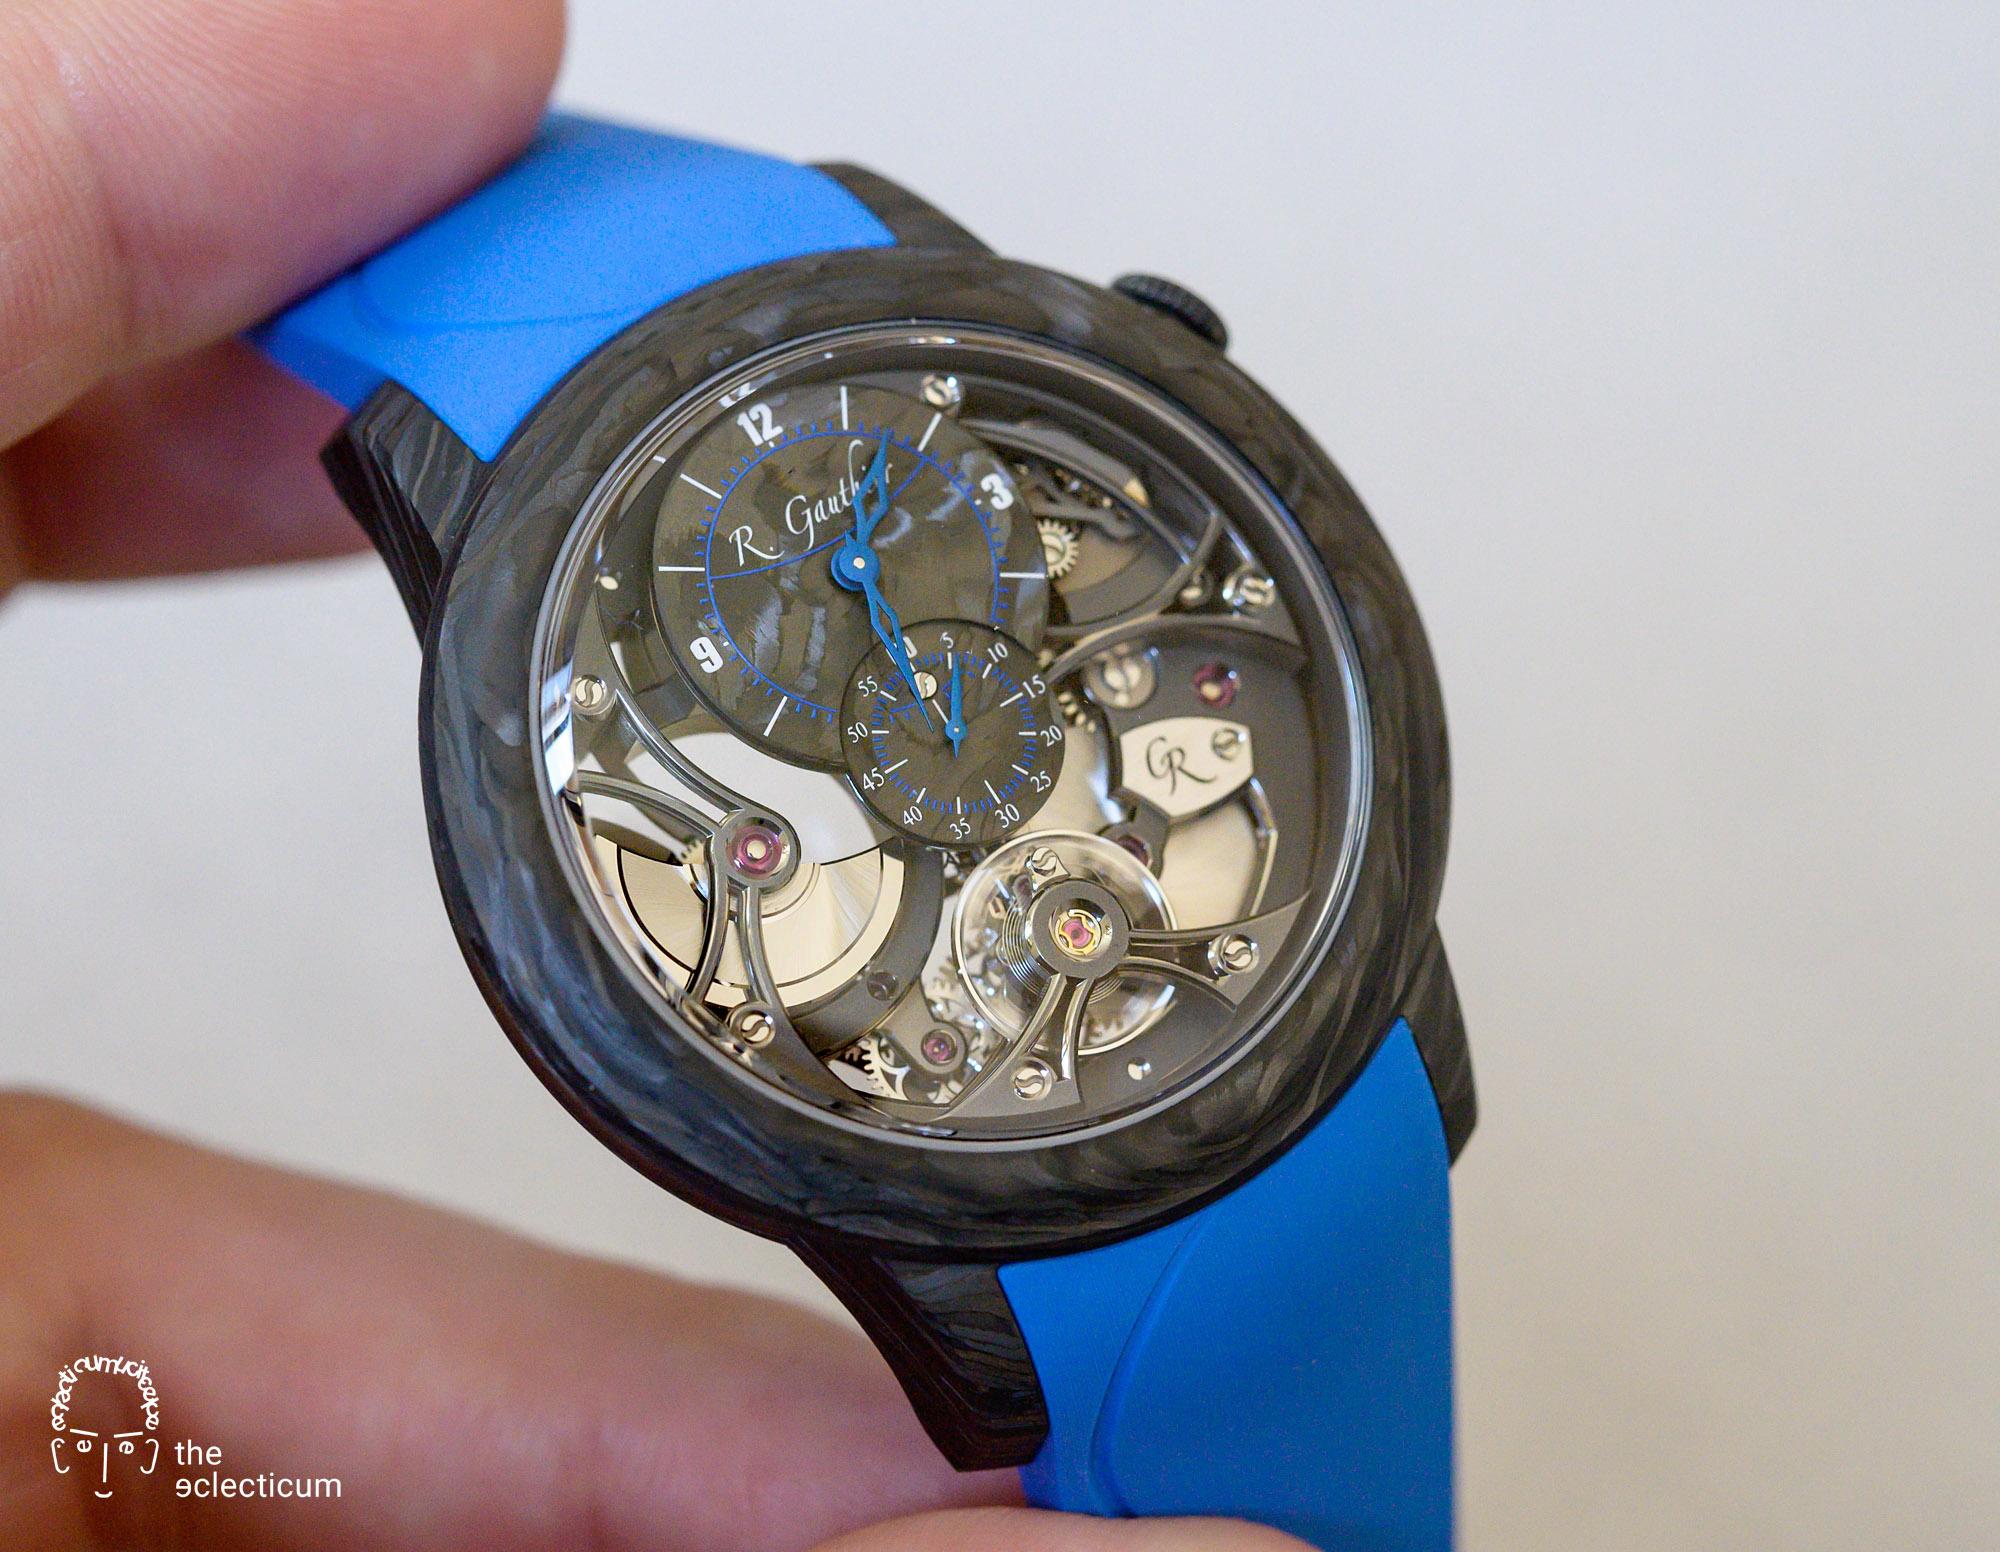 Romain Gauthier Insight Micro-Rotor Squelette Carbonium blue